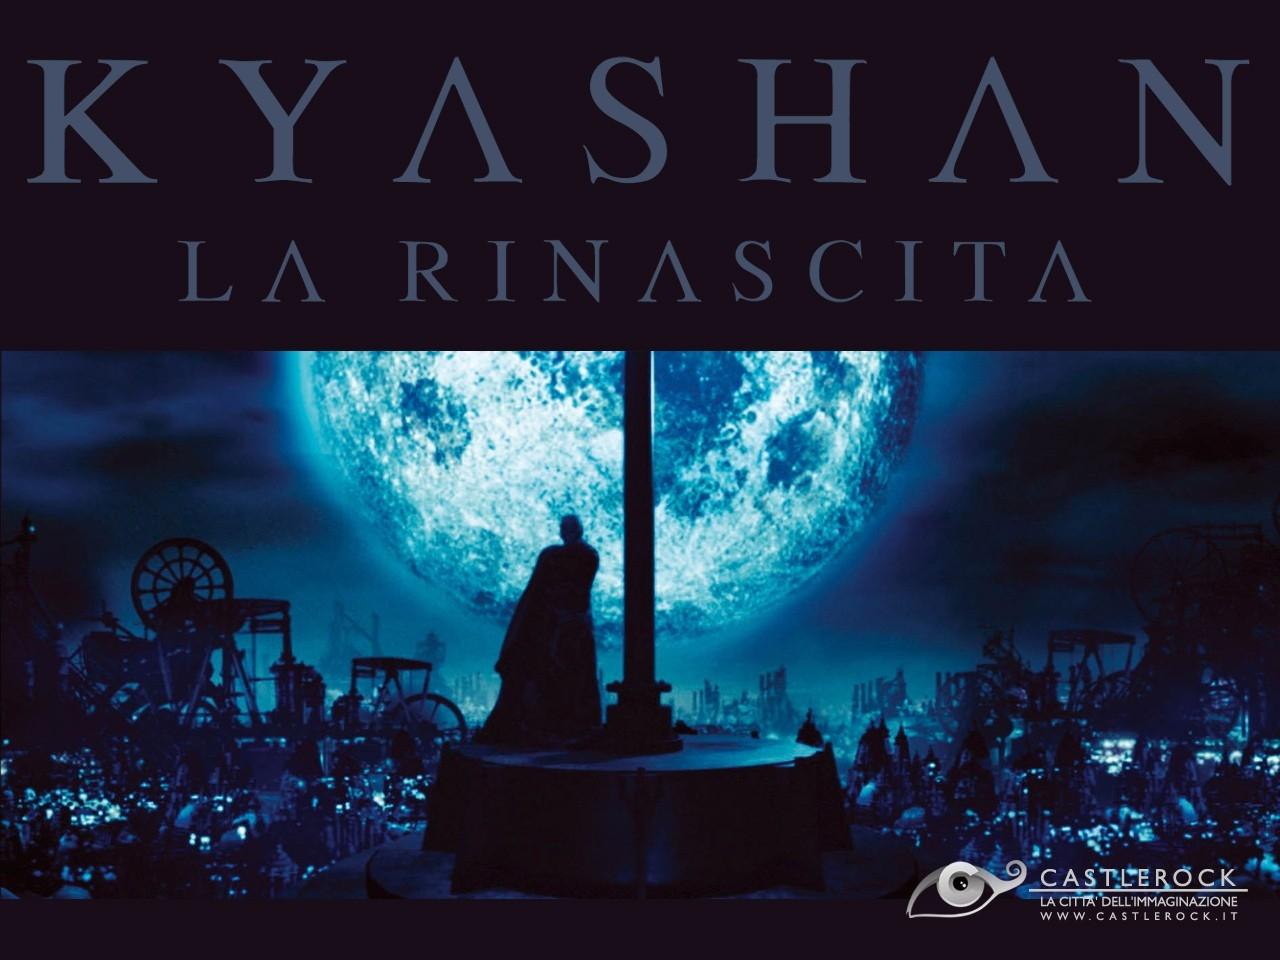 Wallpaper per il desktop del film Kyashan - la rinascita